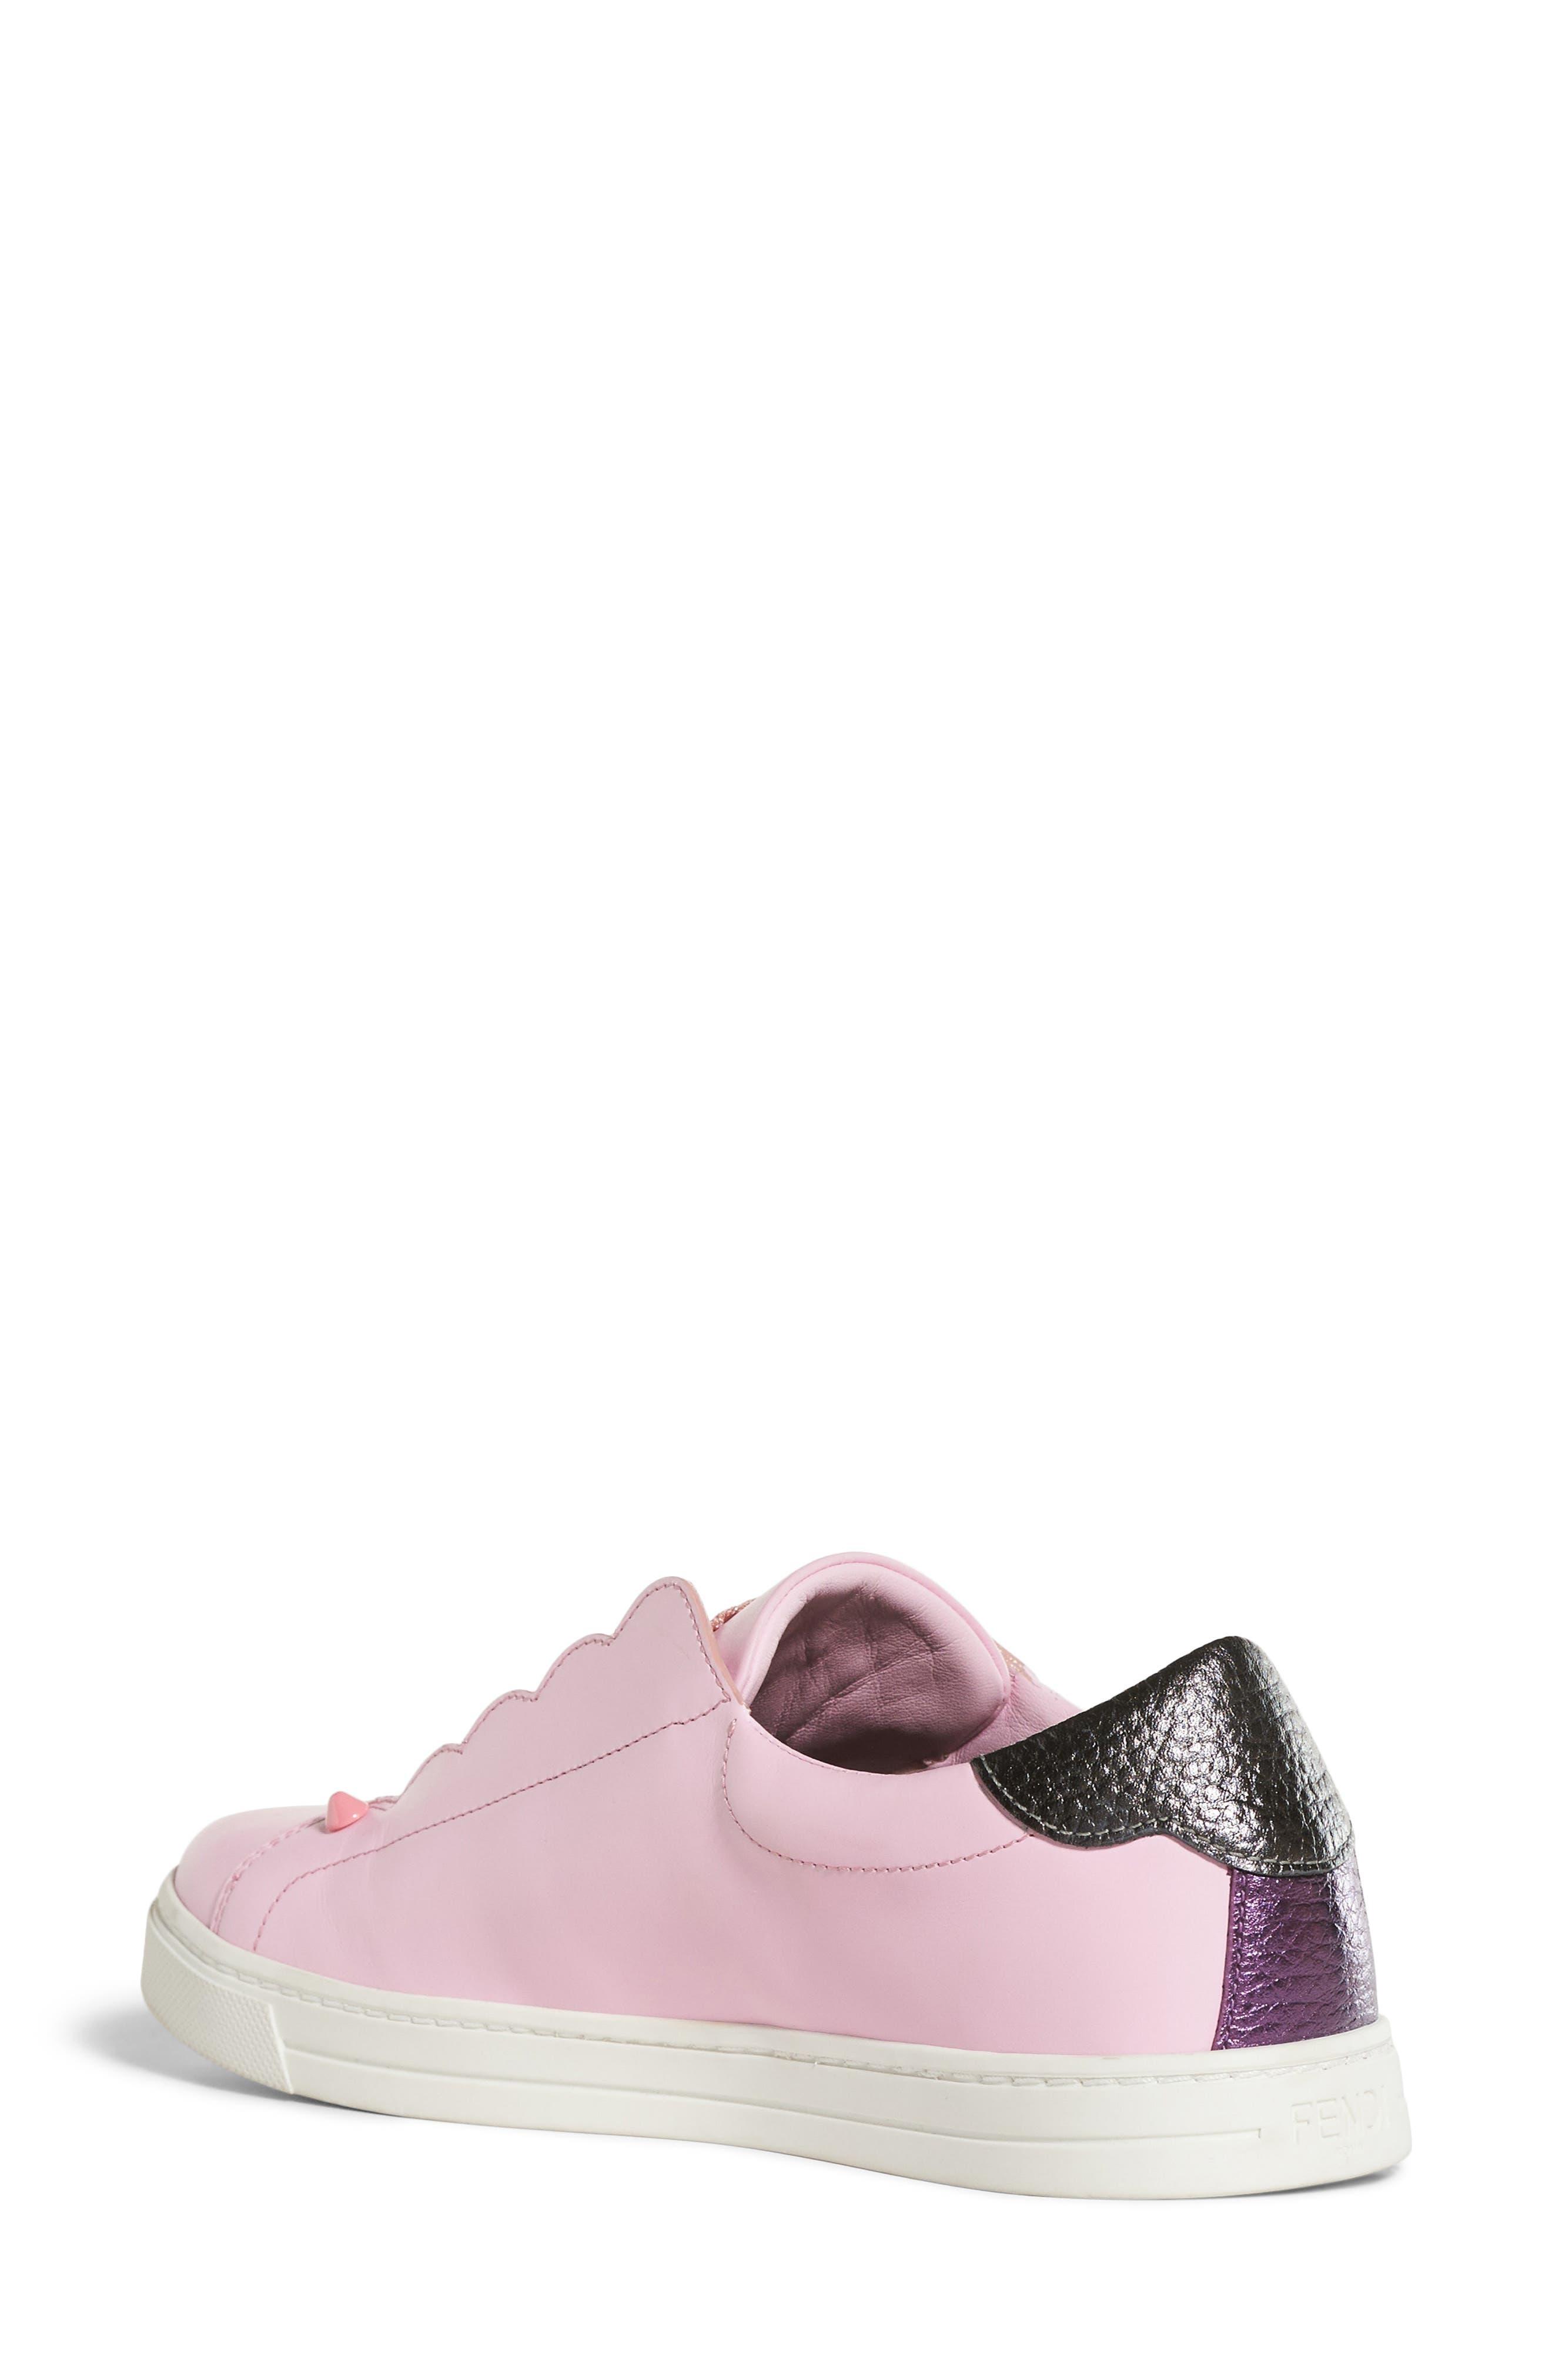 Rockoko Slip-On Sneaker,                             Alternate thumbnail 2, color,                             650